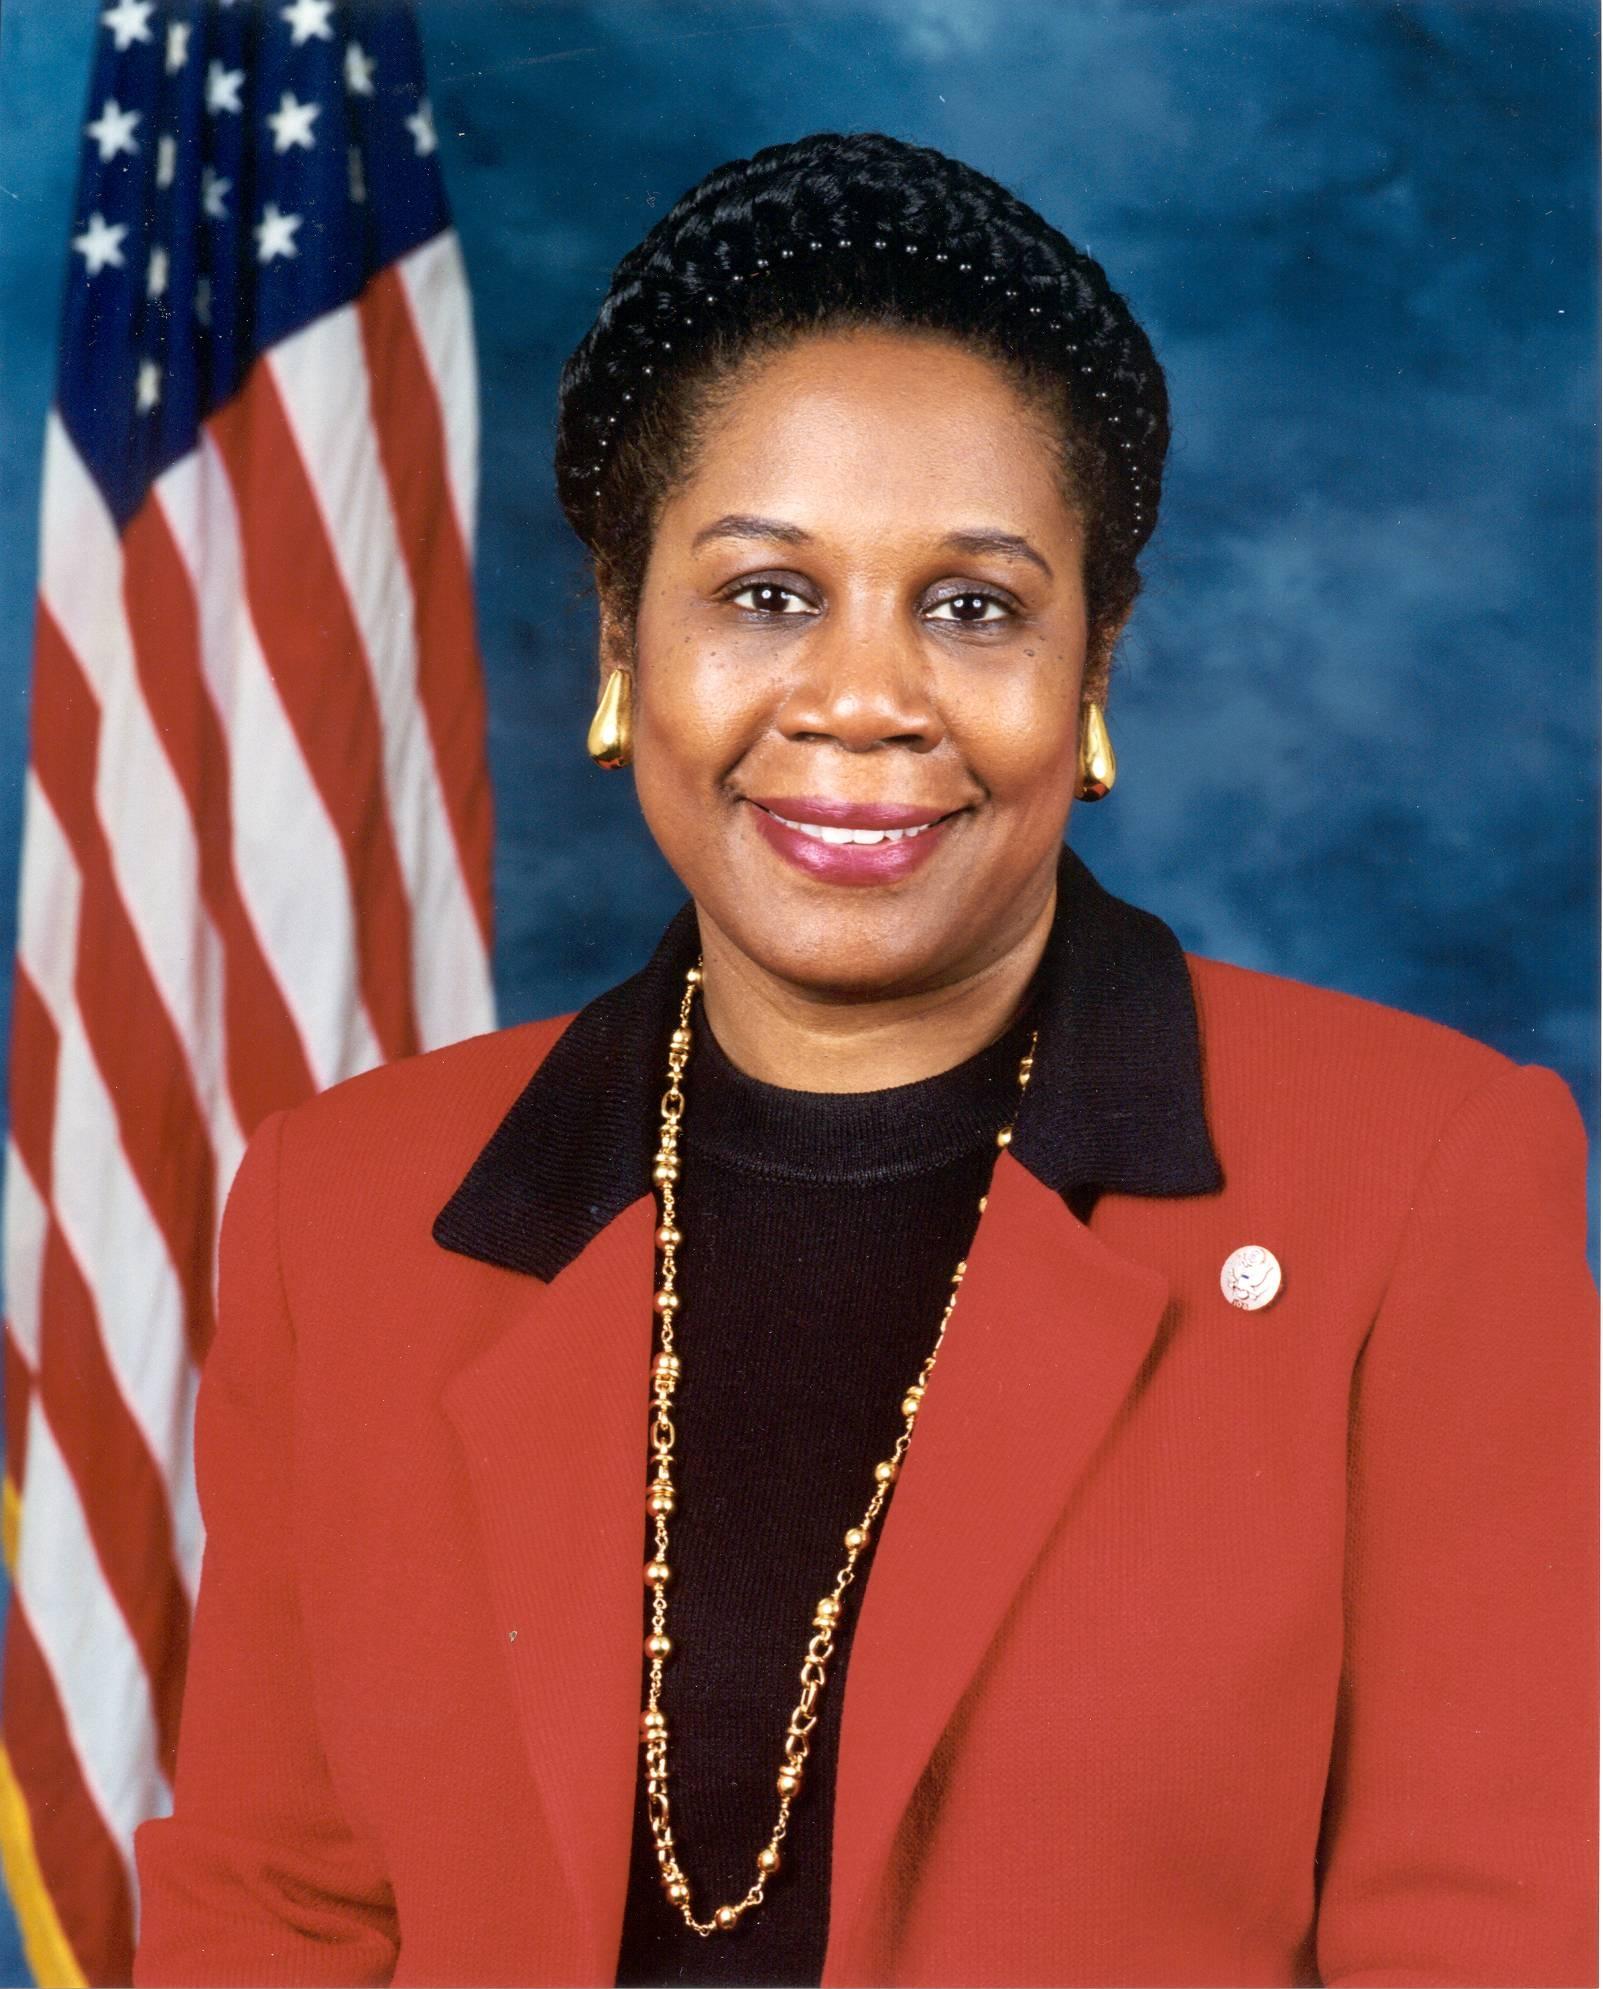 Sheila Jackson-Lee